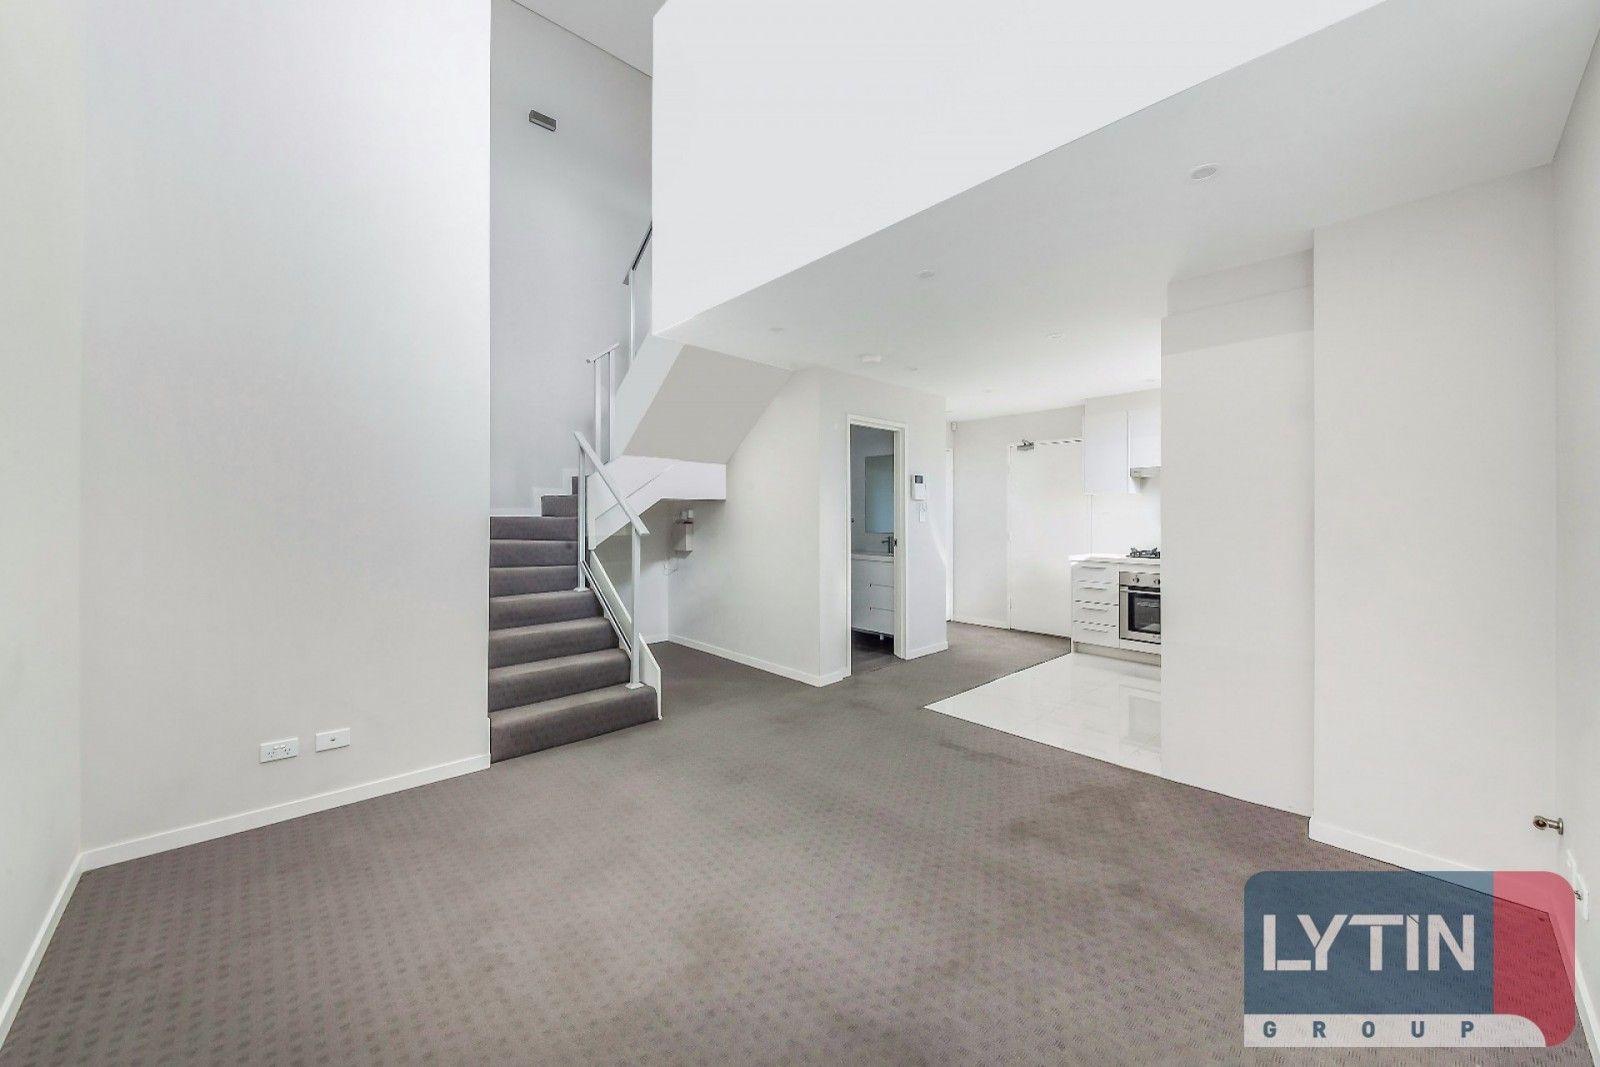 64/5-15 Balmoral Street, Waitara NSW 2077, Image 0